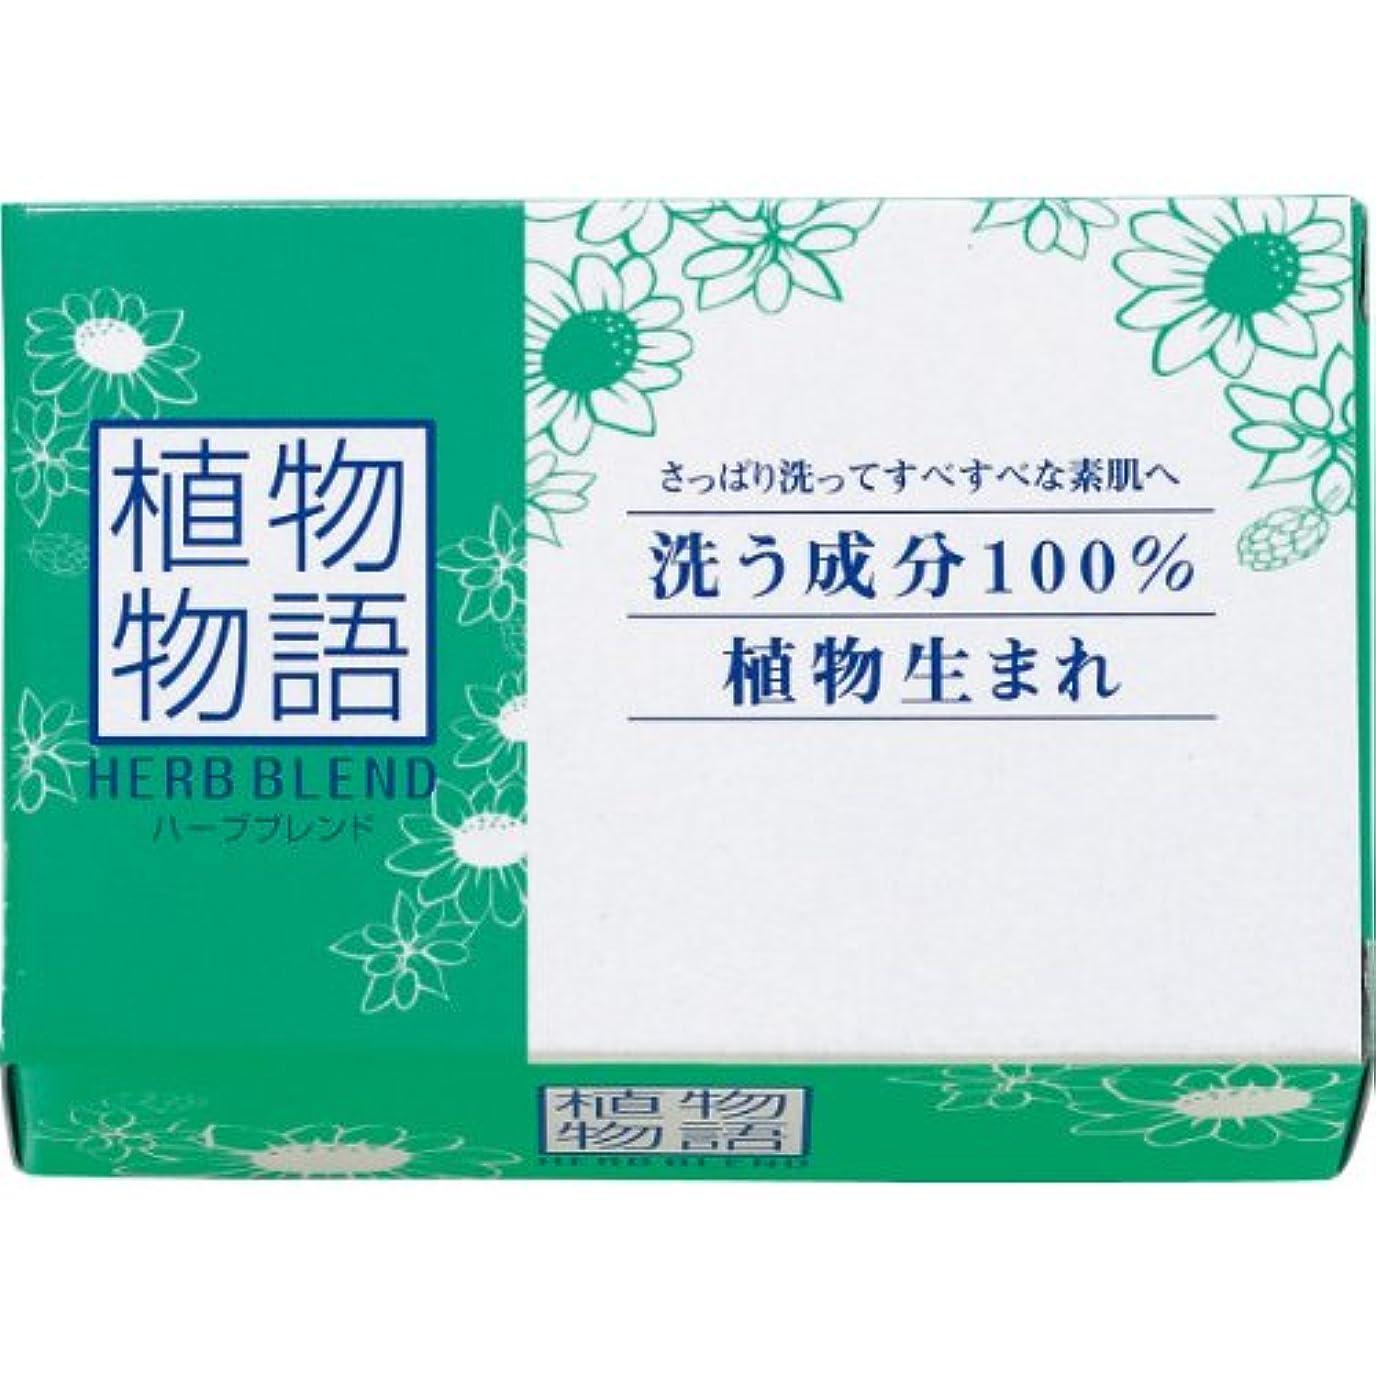 彼らのもの鋸歯状ペネロペ【ライオン】植物物語ハーブブレンド 化粧石鹸 80g